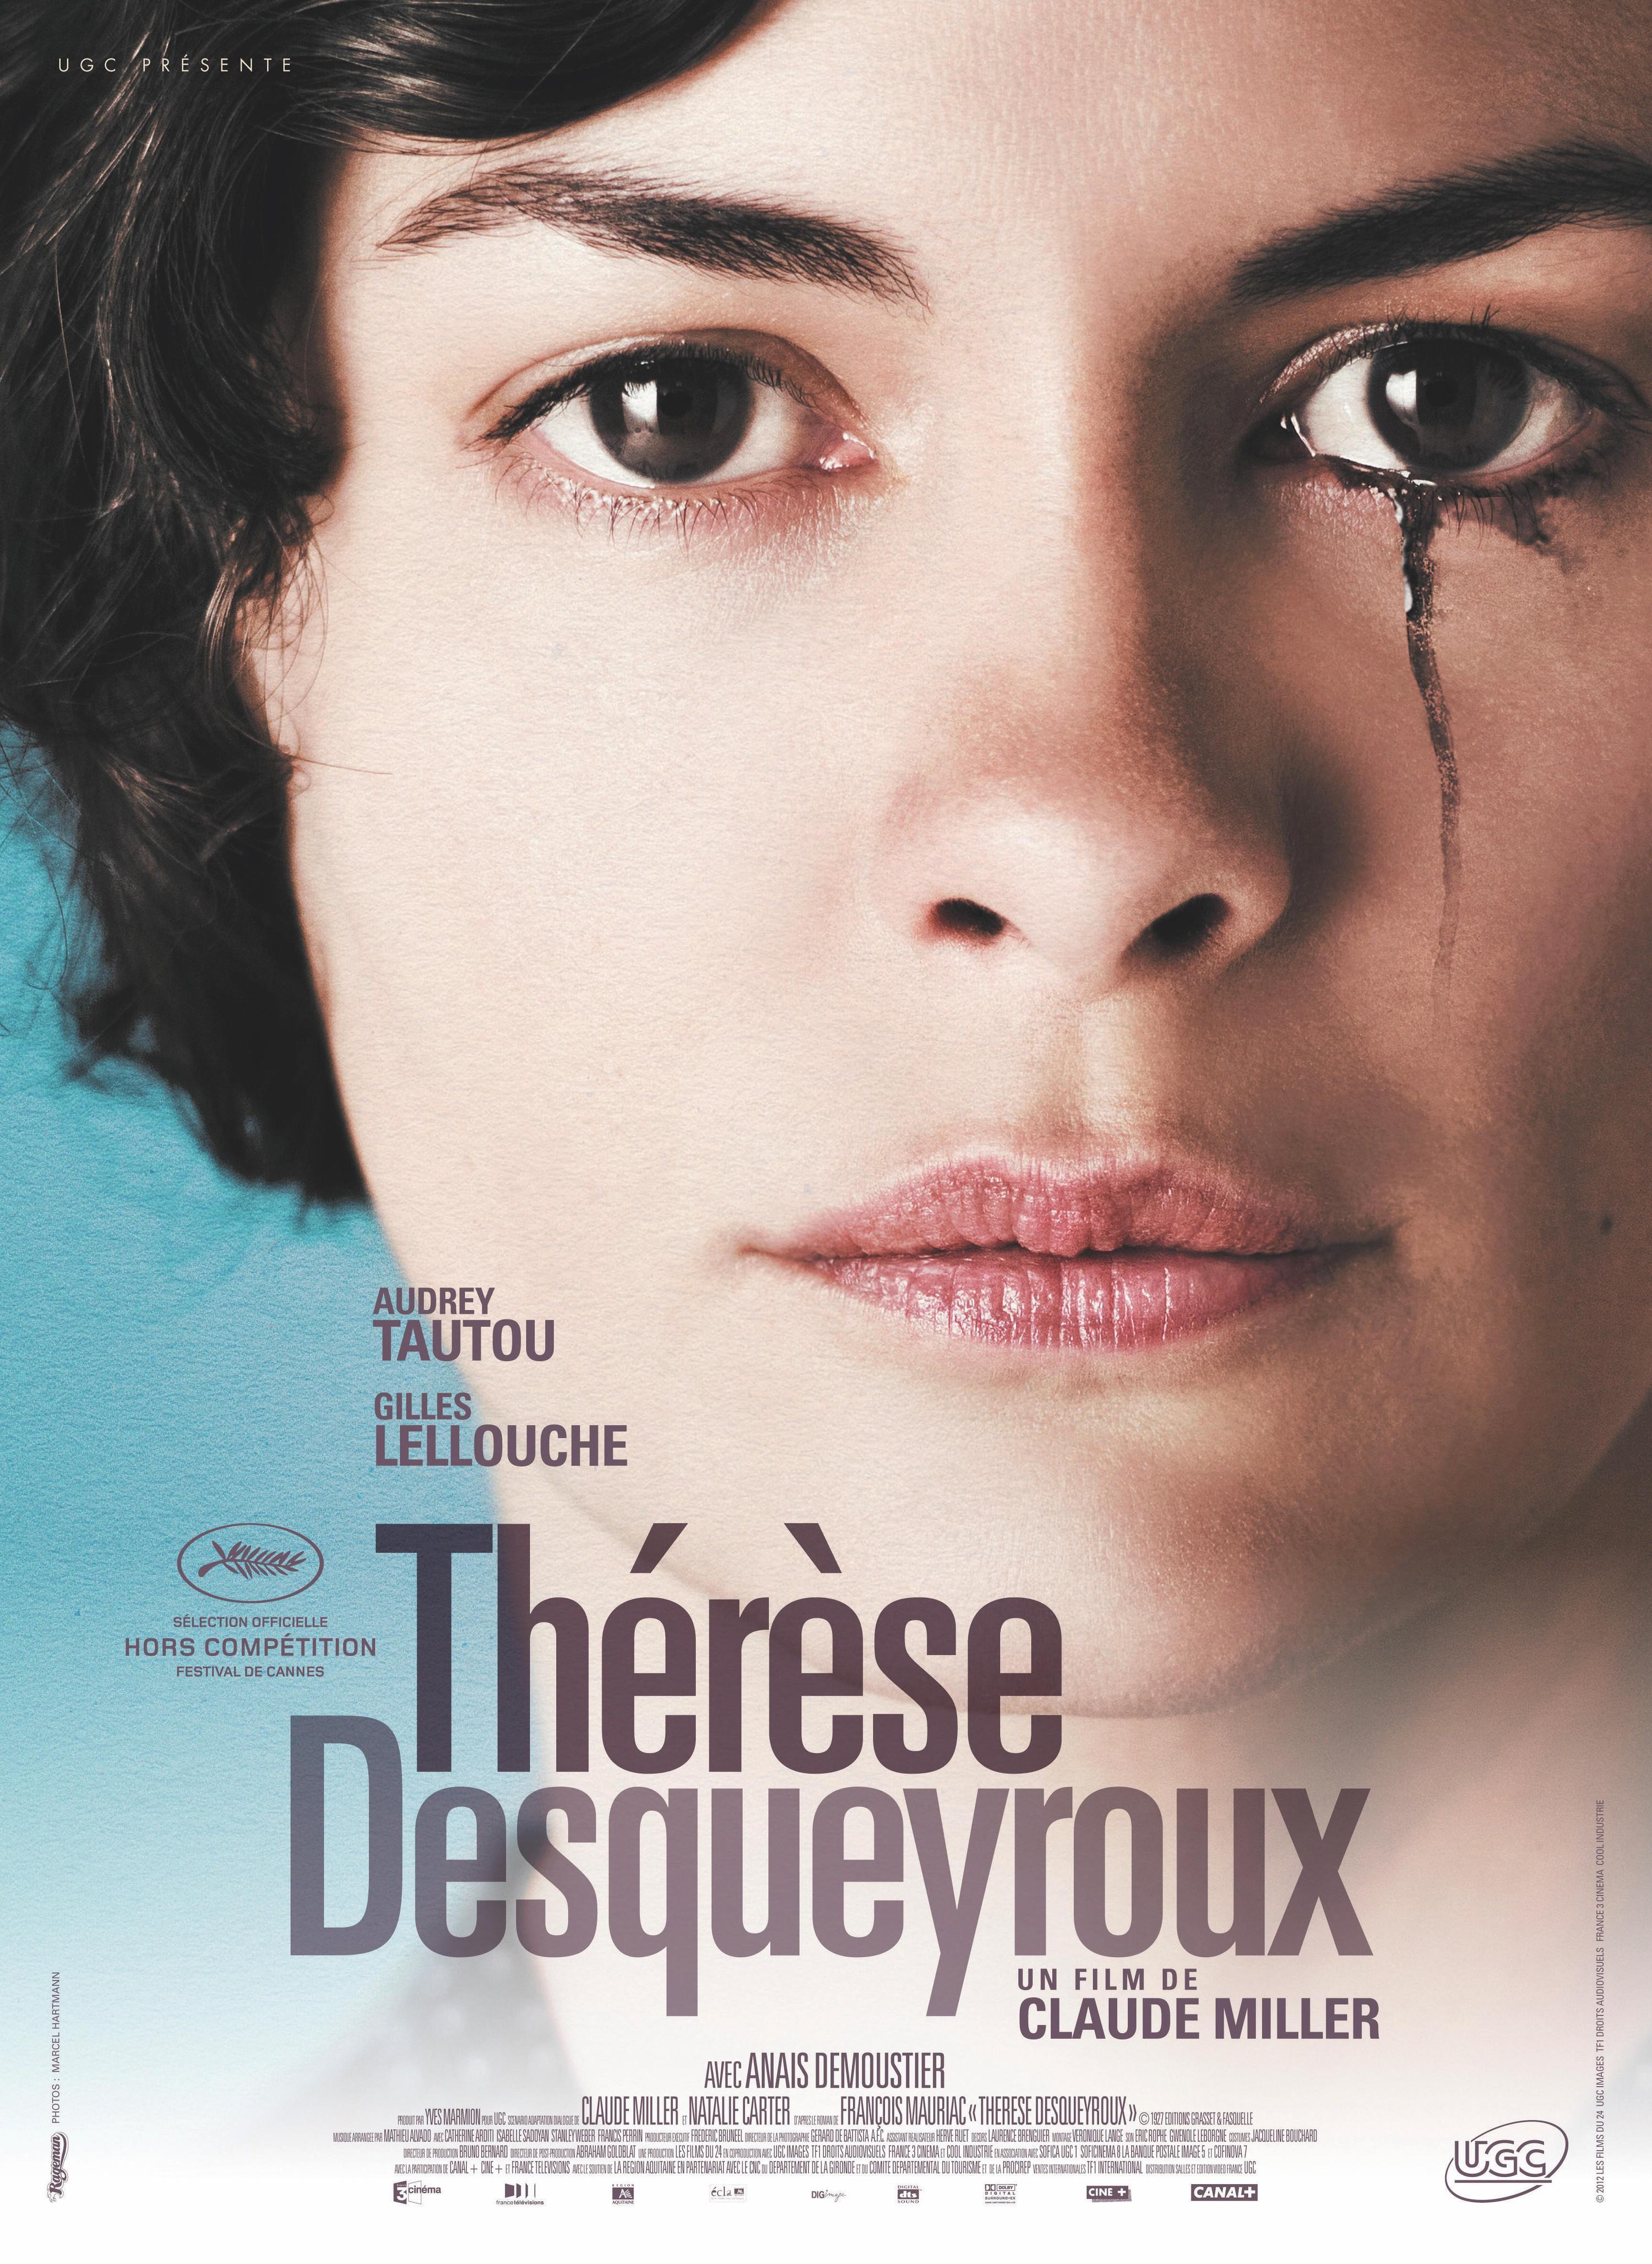 Affiche Claude Miller 2012 Thérèse Desqueyrouxr